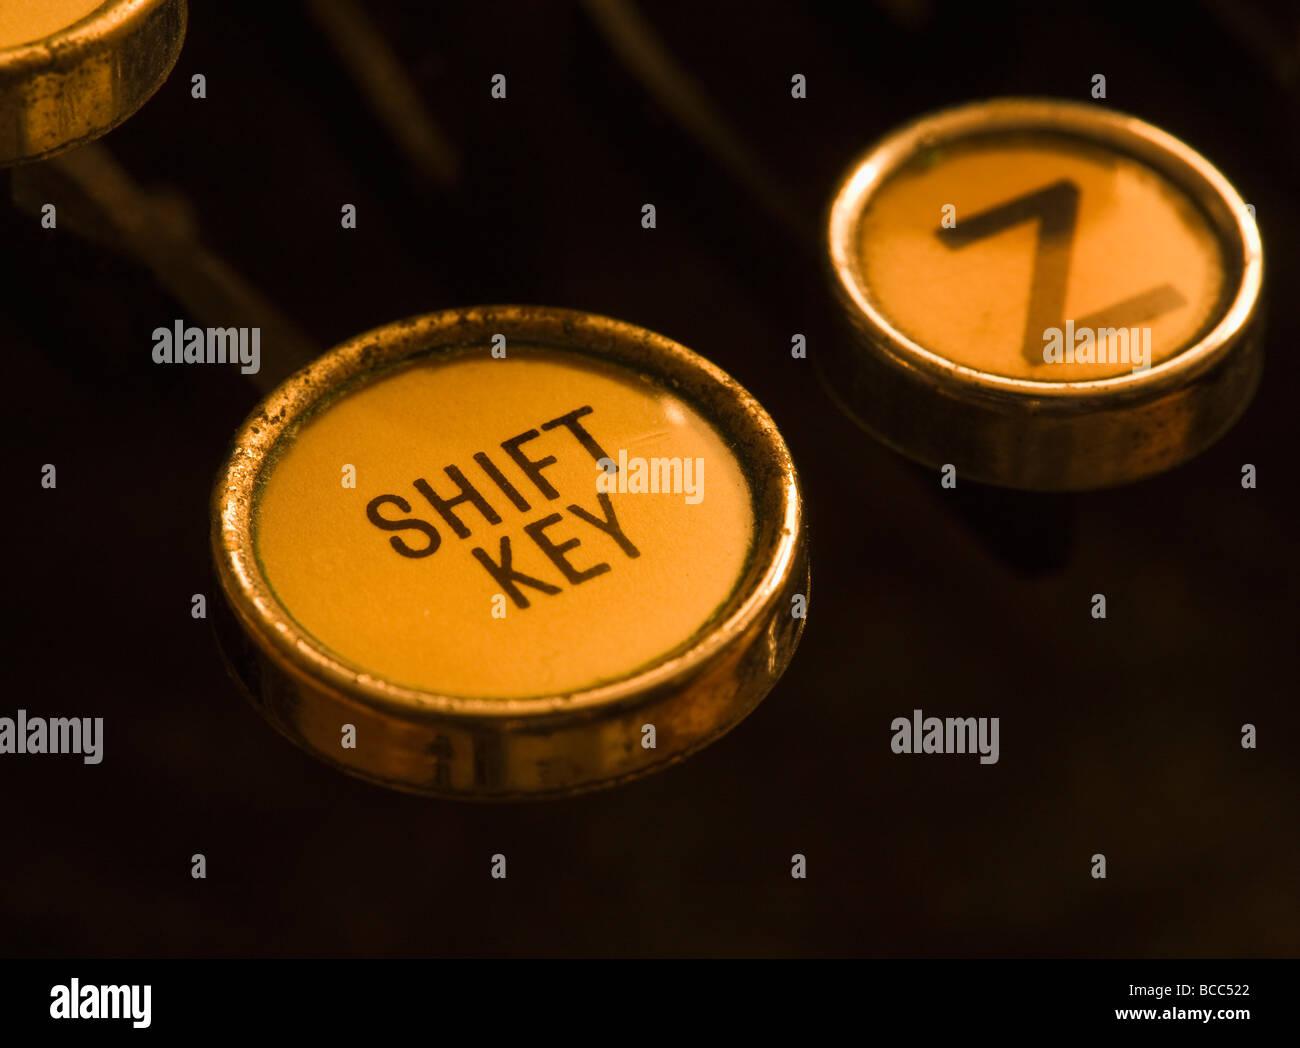 Closeup of Shift Key on old manual typewriter - Stock Image